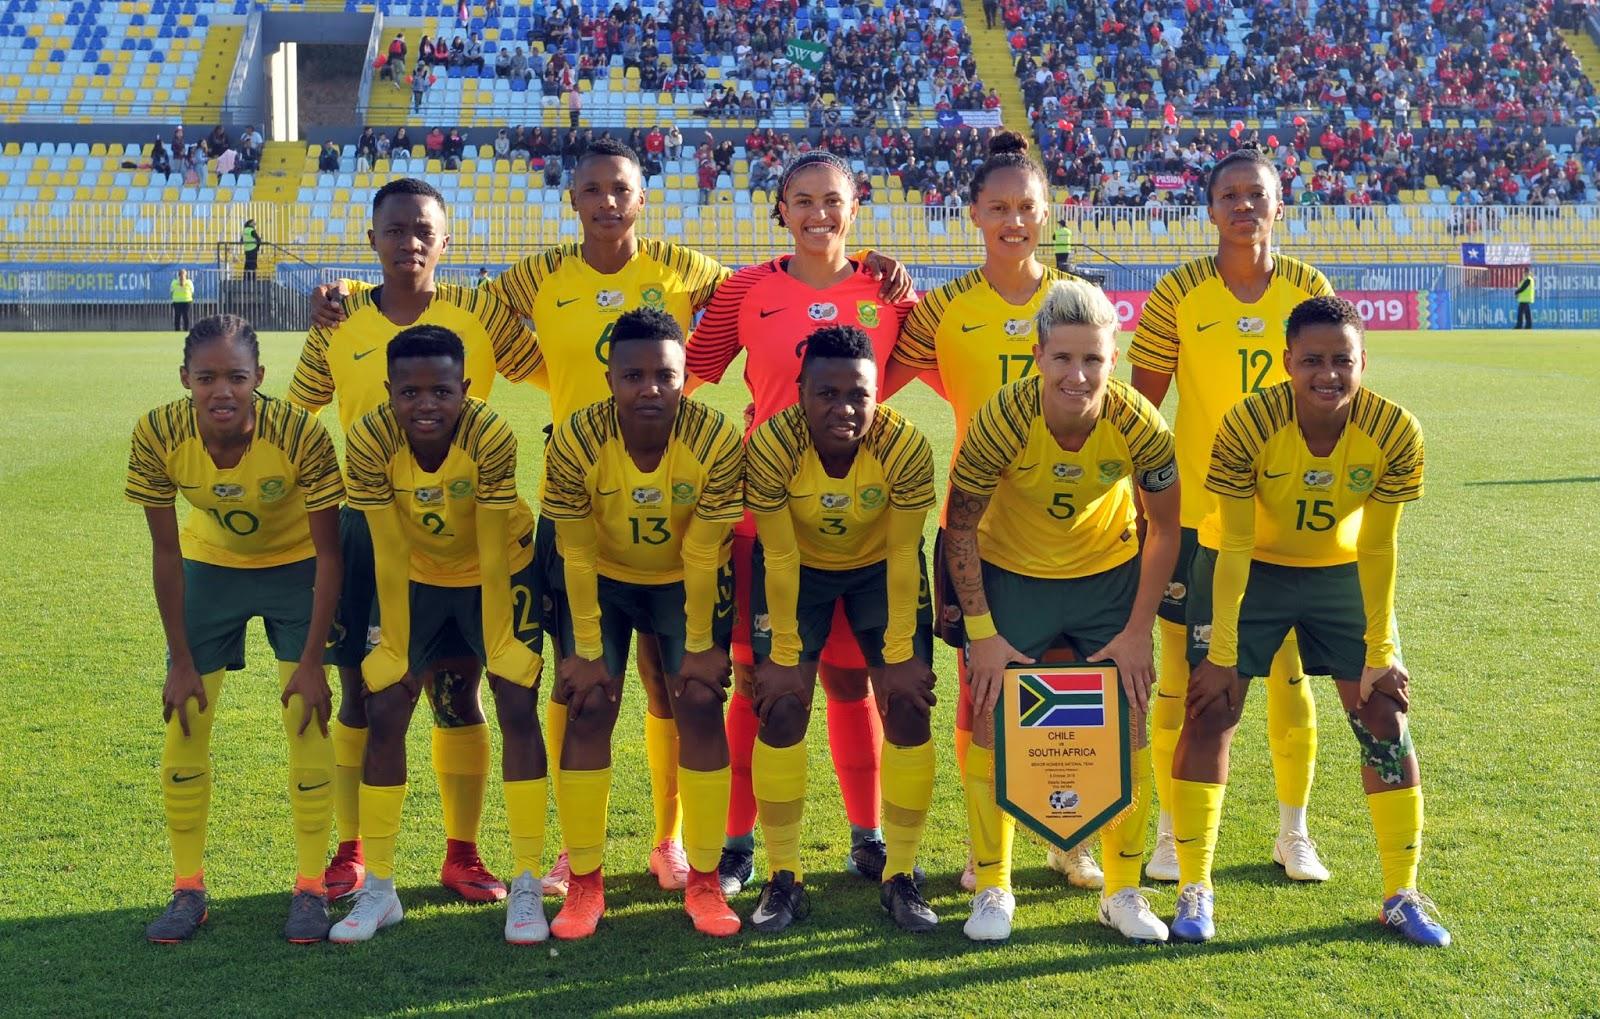 Formación de selección femenina de Sudáfrica ante Chile, amistoso disputado el 6 de octubre de 2018